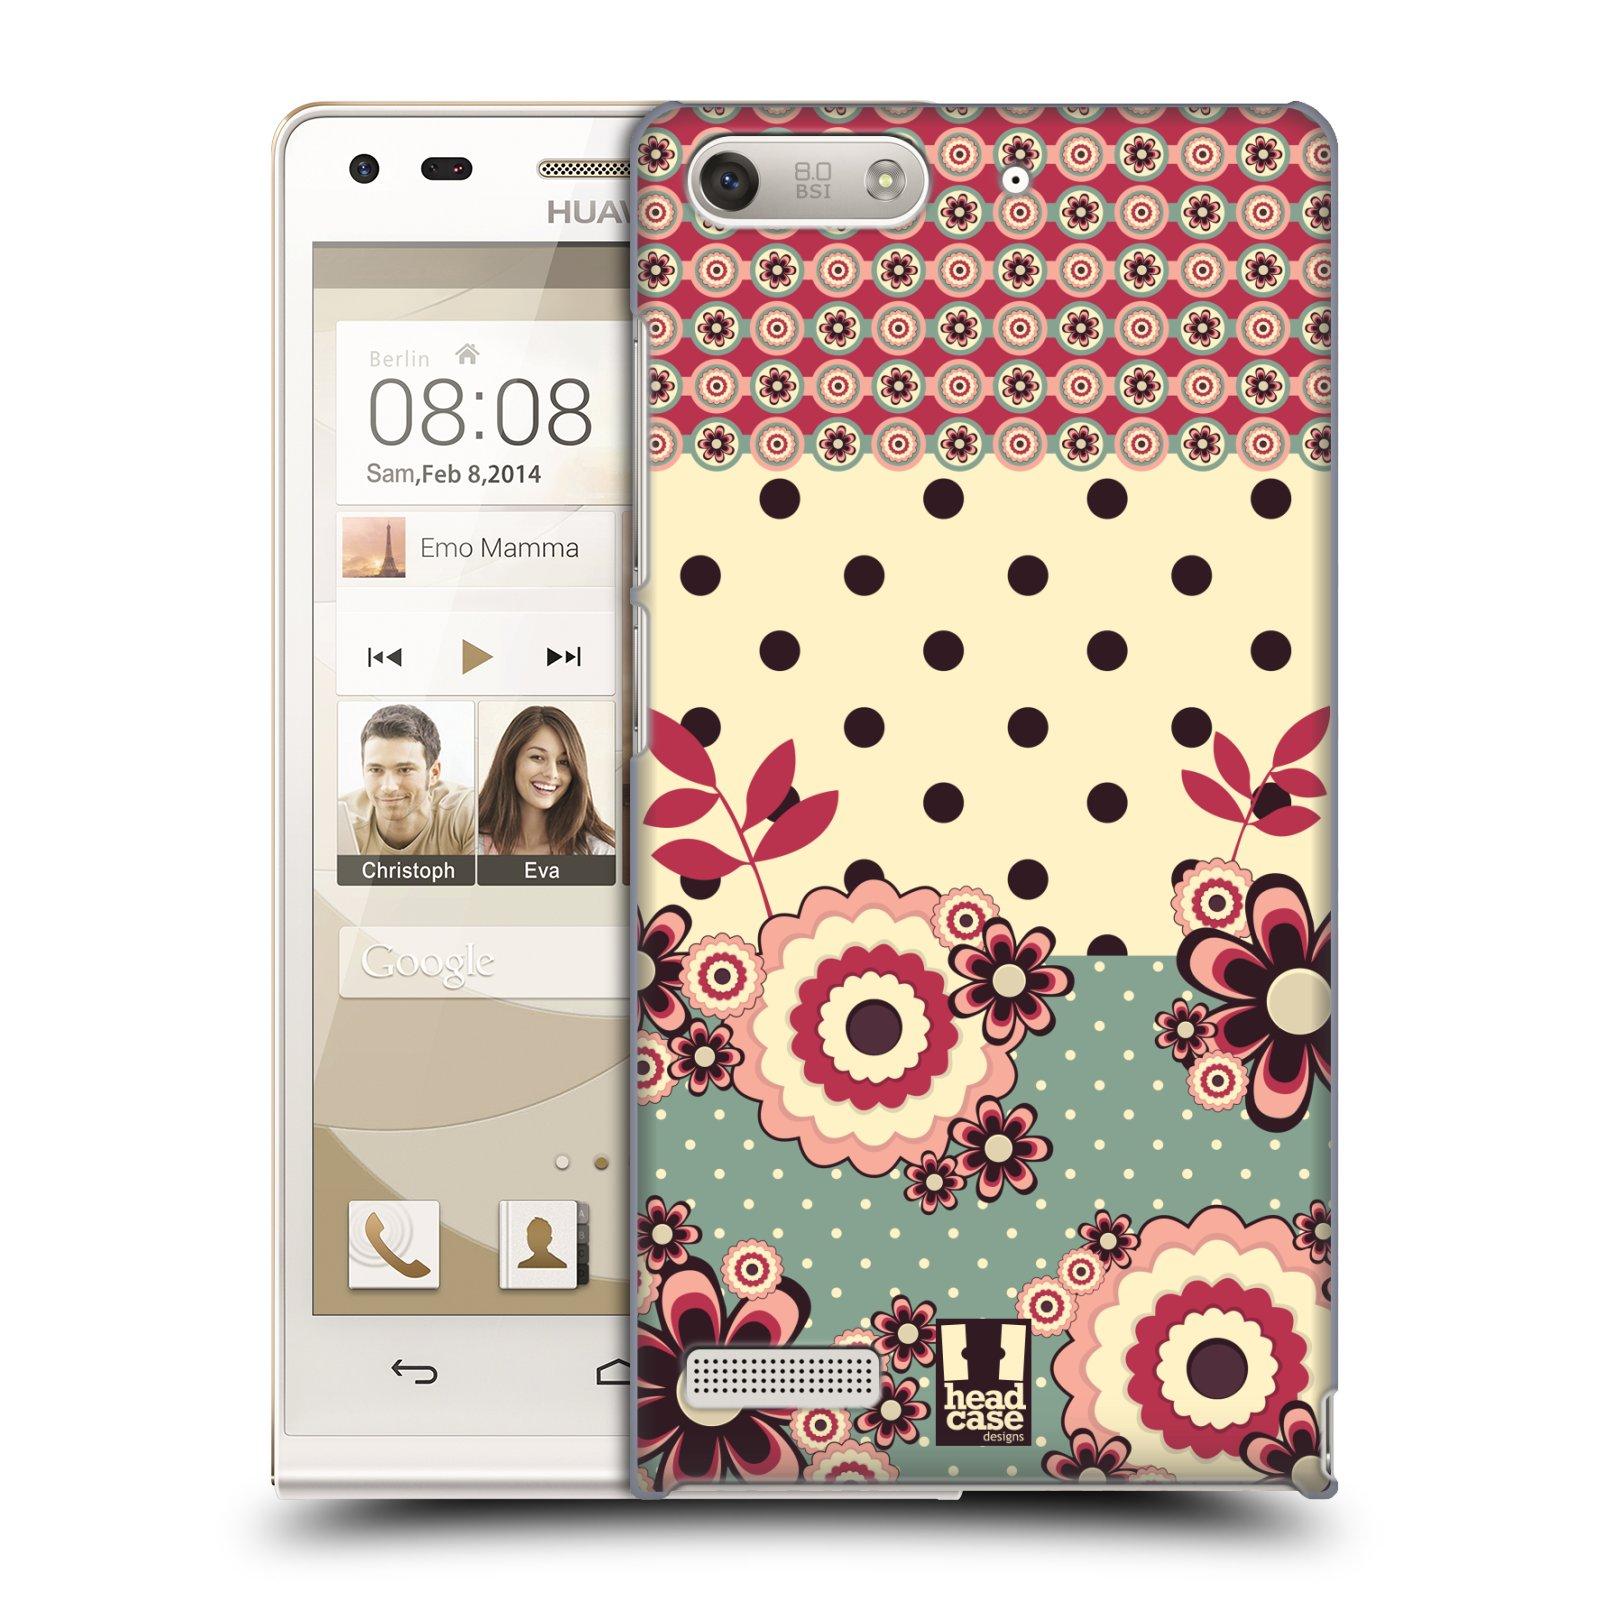 Plastové pouzdro na mobil Huawei Ascend G6 HEAD CASE KVÍTKA PINK CREAM (Kryt či obal na mobilní telefon Huawei Ascend G6 bez LTE)